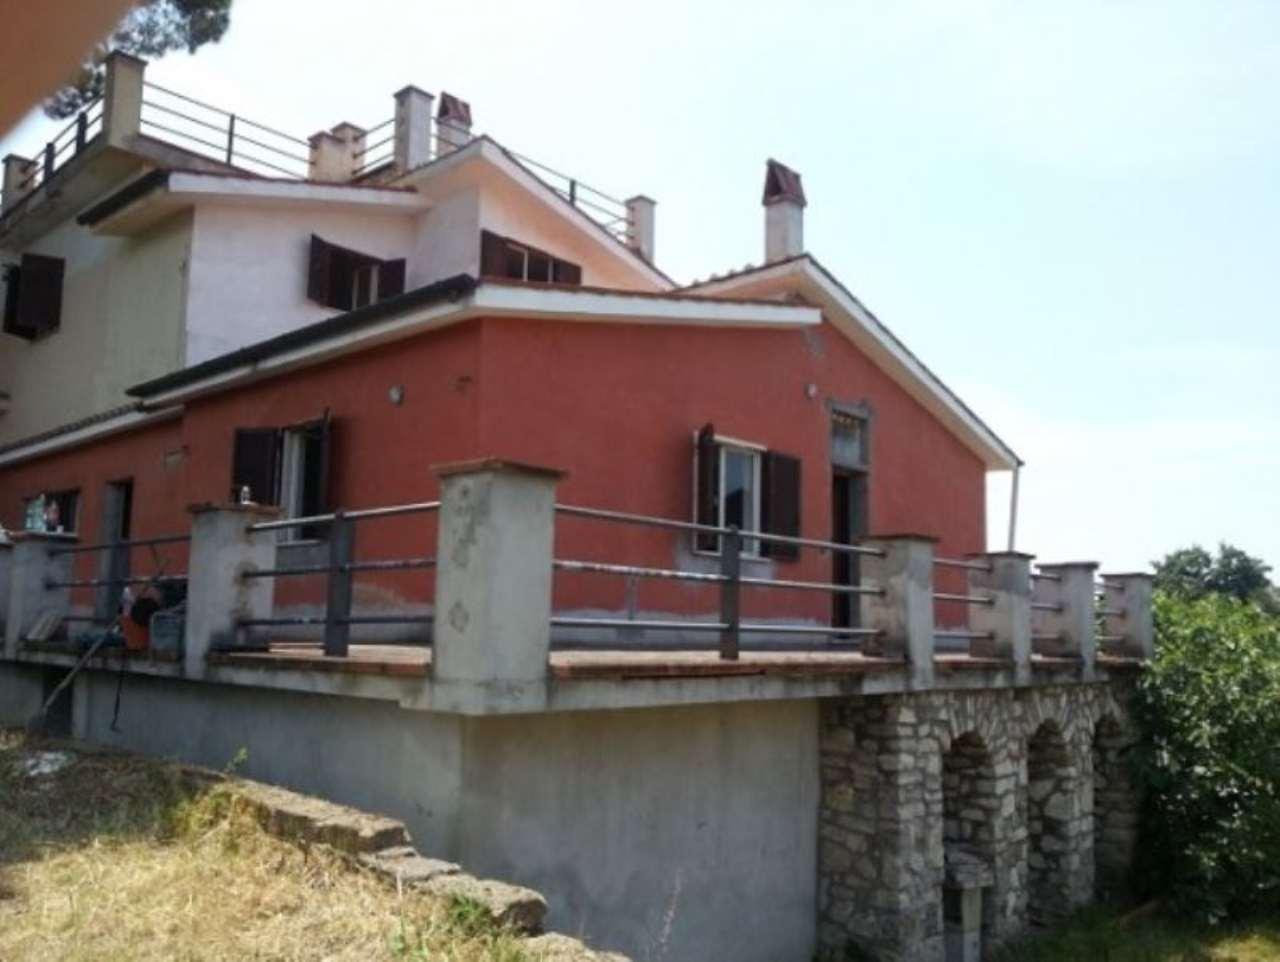 Soluzione Indipendente in vendita a Palombara Sabina, 6 locali, prezzo € 170.000 | Cambio Casa.it